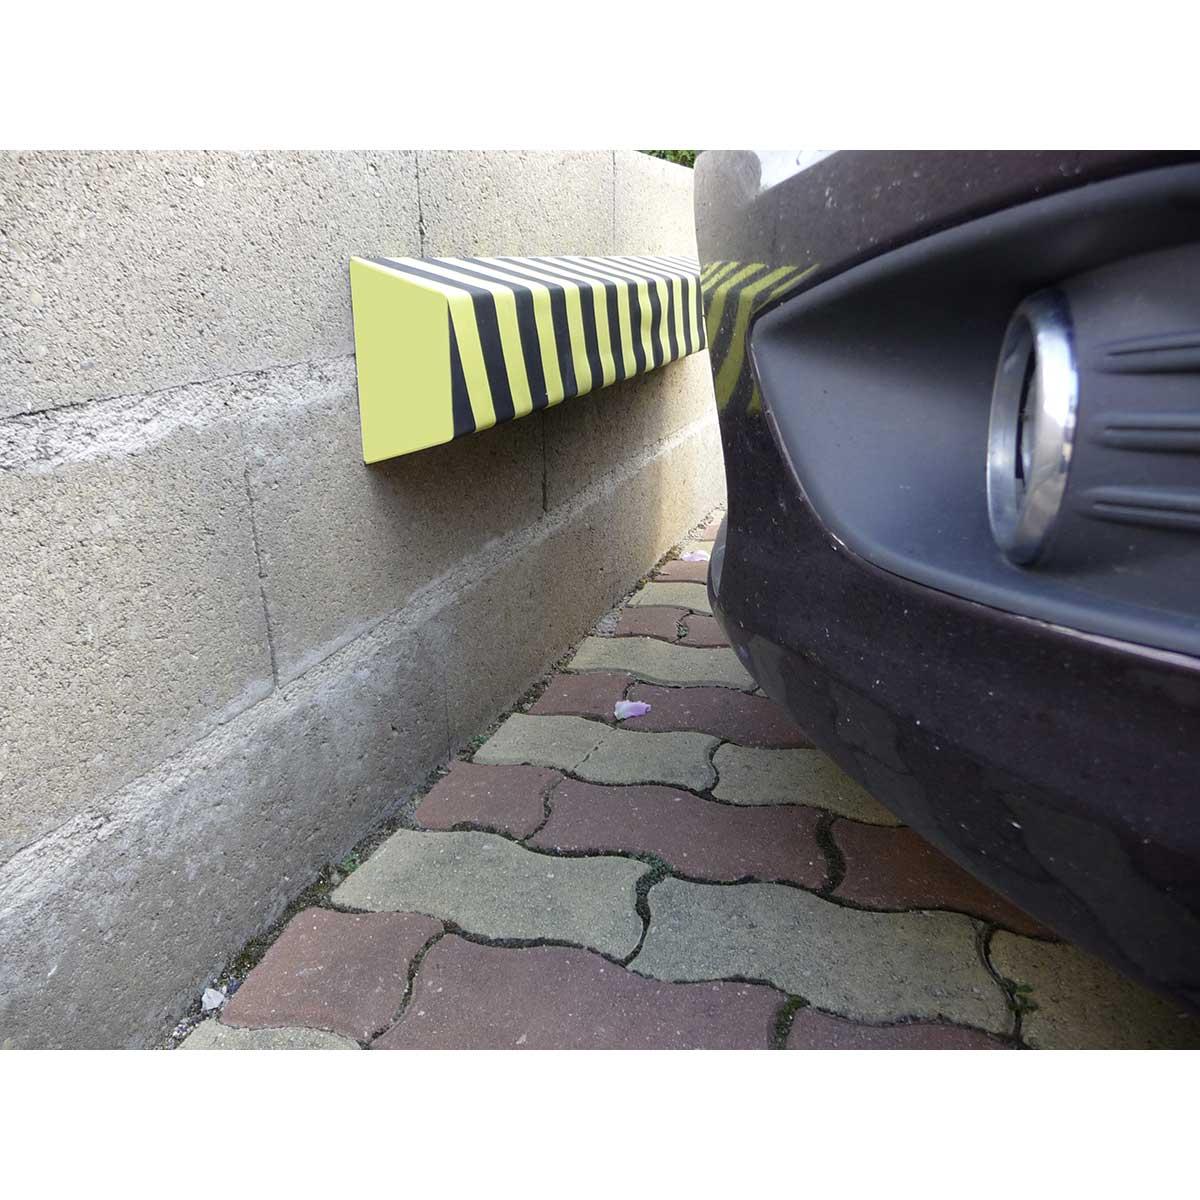 Topes adhesivos para protección en zonas de aparcamiento